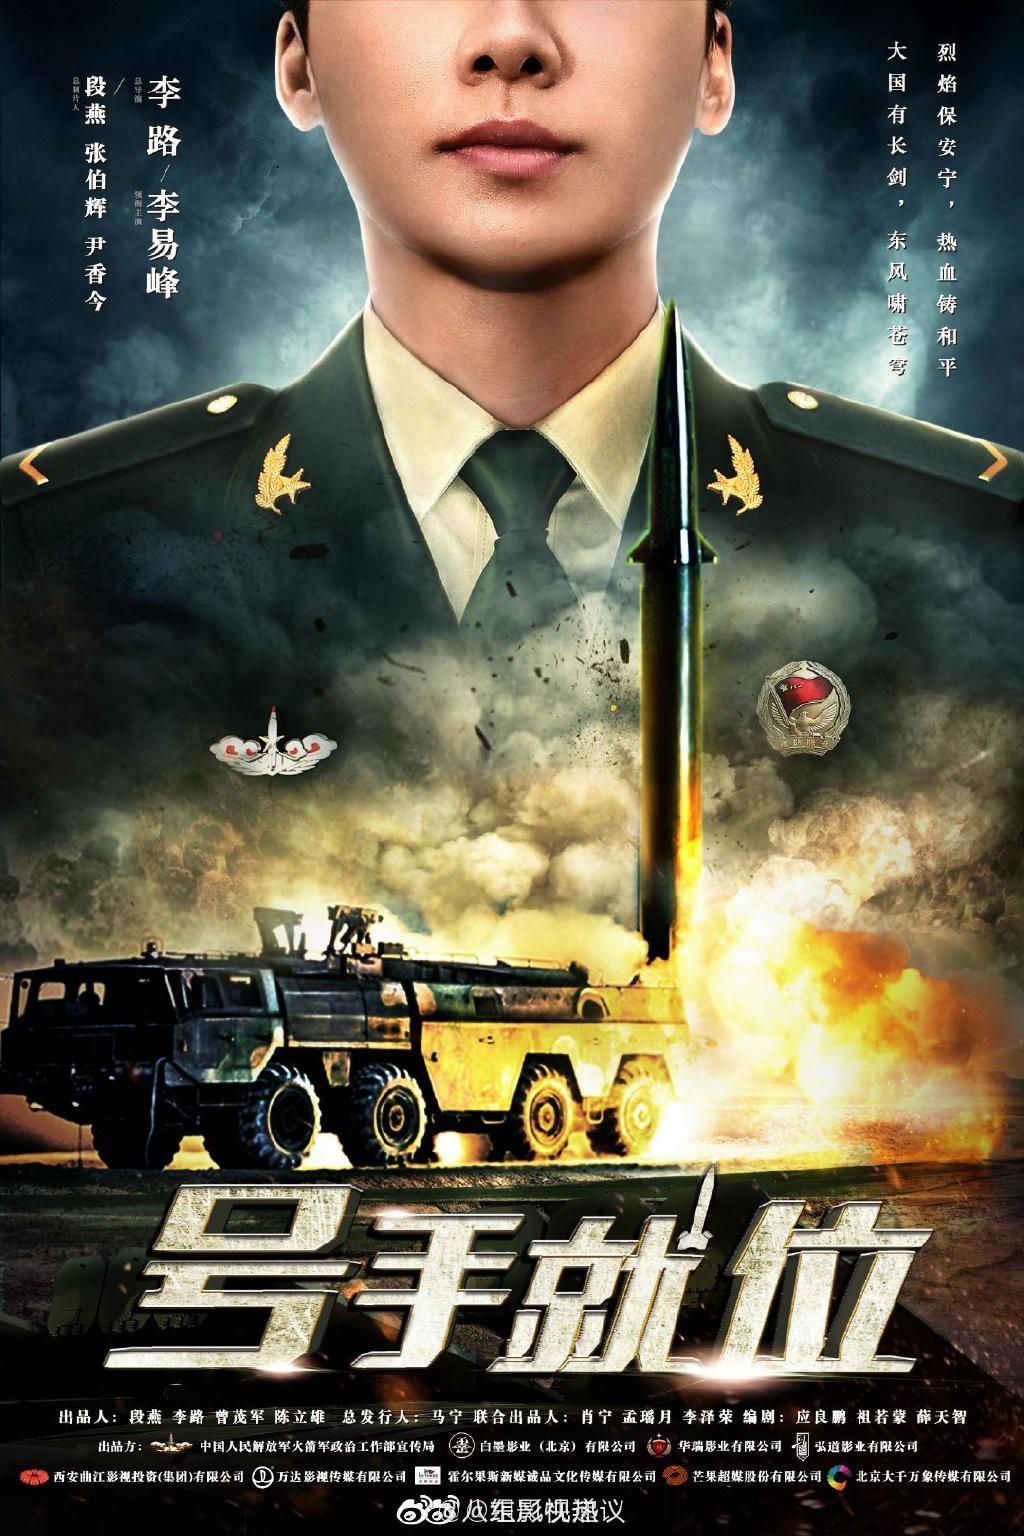 Sức hút mãnh liệt của Lý Dịch Phong: Trước thông báo hạn chế phim của Cục Quảng Điện vẫn vững vàng đồng hành với 3 bộ phim - Ảnh 3.